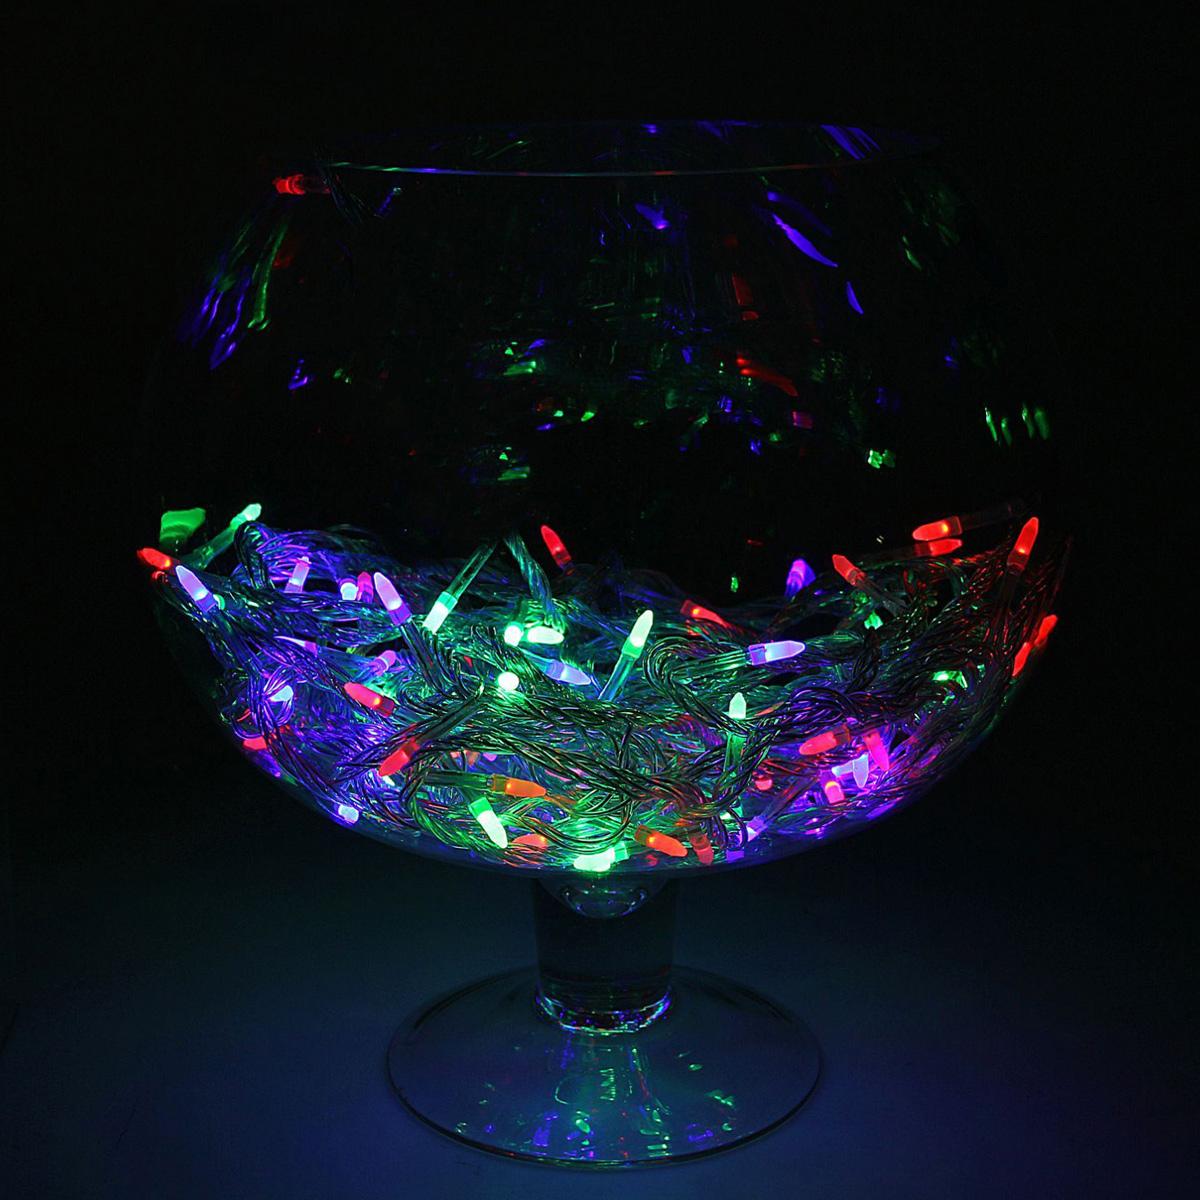 Гирлянда светодиодная Luazon Метраж. Игла, цвет: мультиколор, 100 ламп, 220 V, длина 10 м. 10805271080527Светодиодные гирлянды и ленты — это отличный вариант для новогоднего оформления интерьера или фасада. С их помощью помещение любого размера можно превратить в праздничный зал, а внешние элементы зданий, украшенные ими, мгновенно станут напоминать очертания сказочного дворца. Такие украшения создают ауру предвкушения чуда. Деревья, фасады, витрины, окна и арки будто специально созданы, чтобы вы украсили их светящимися нитями.